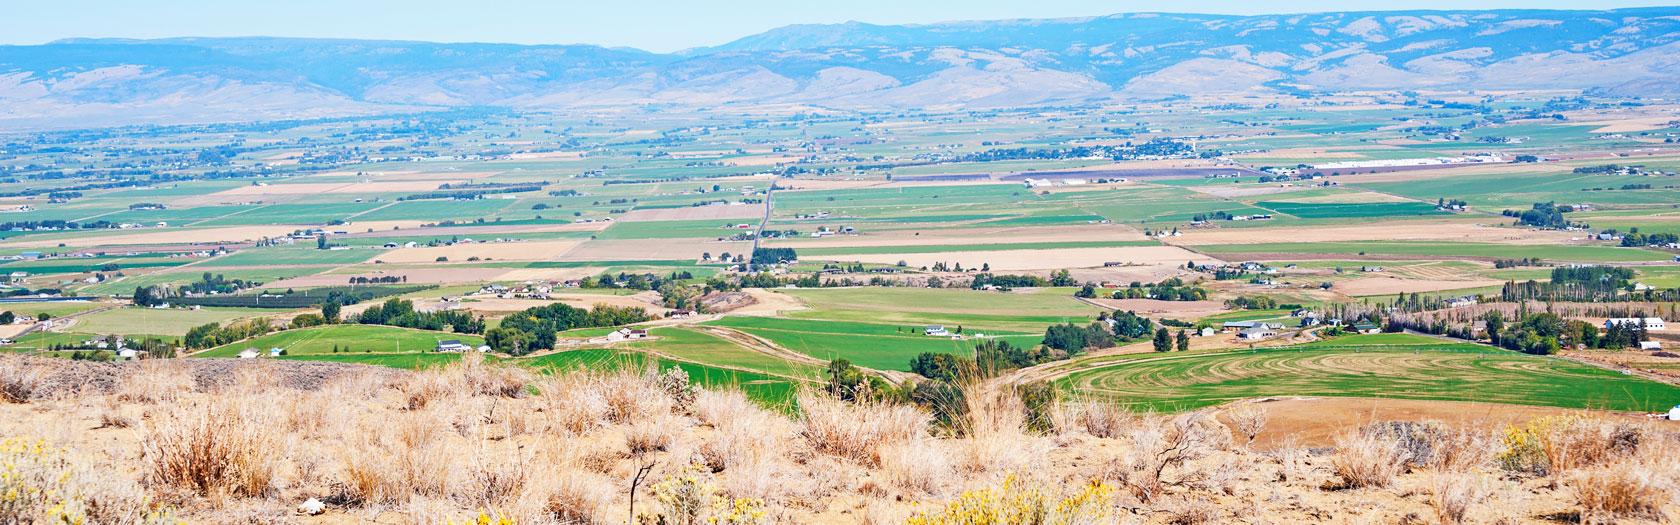 YAKIMA RIDGE  Yakima